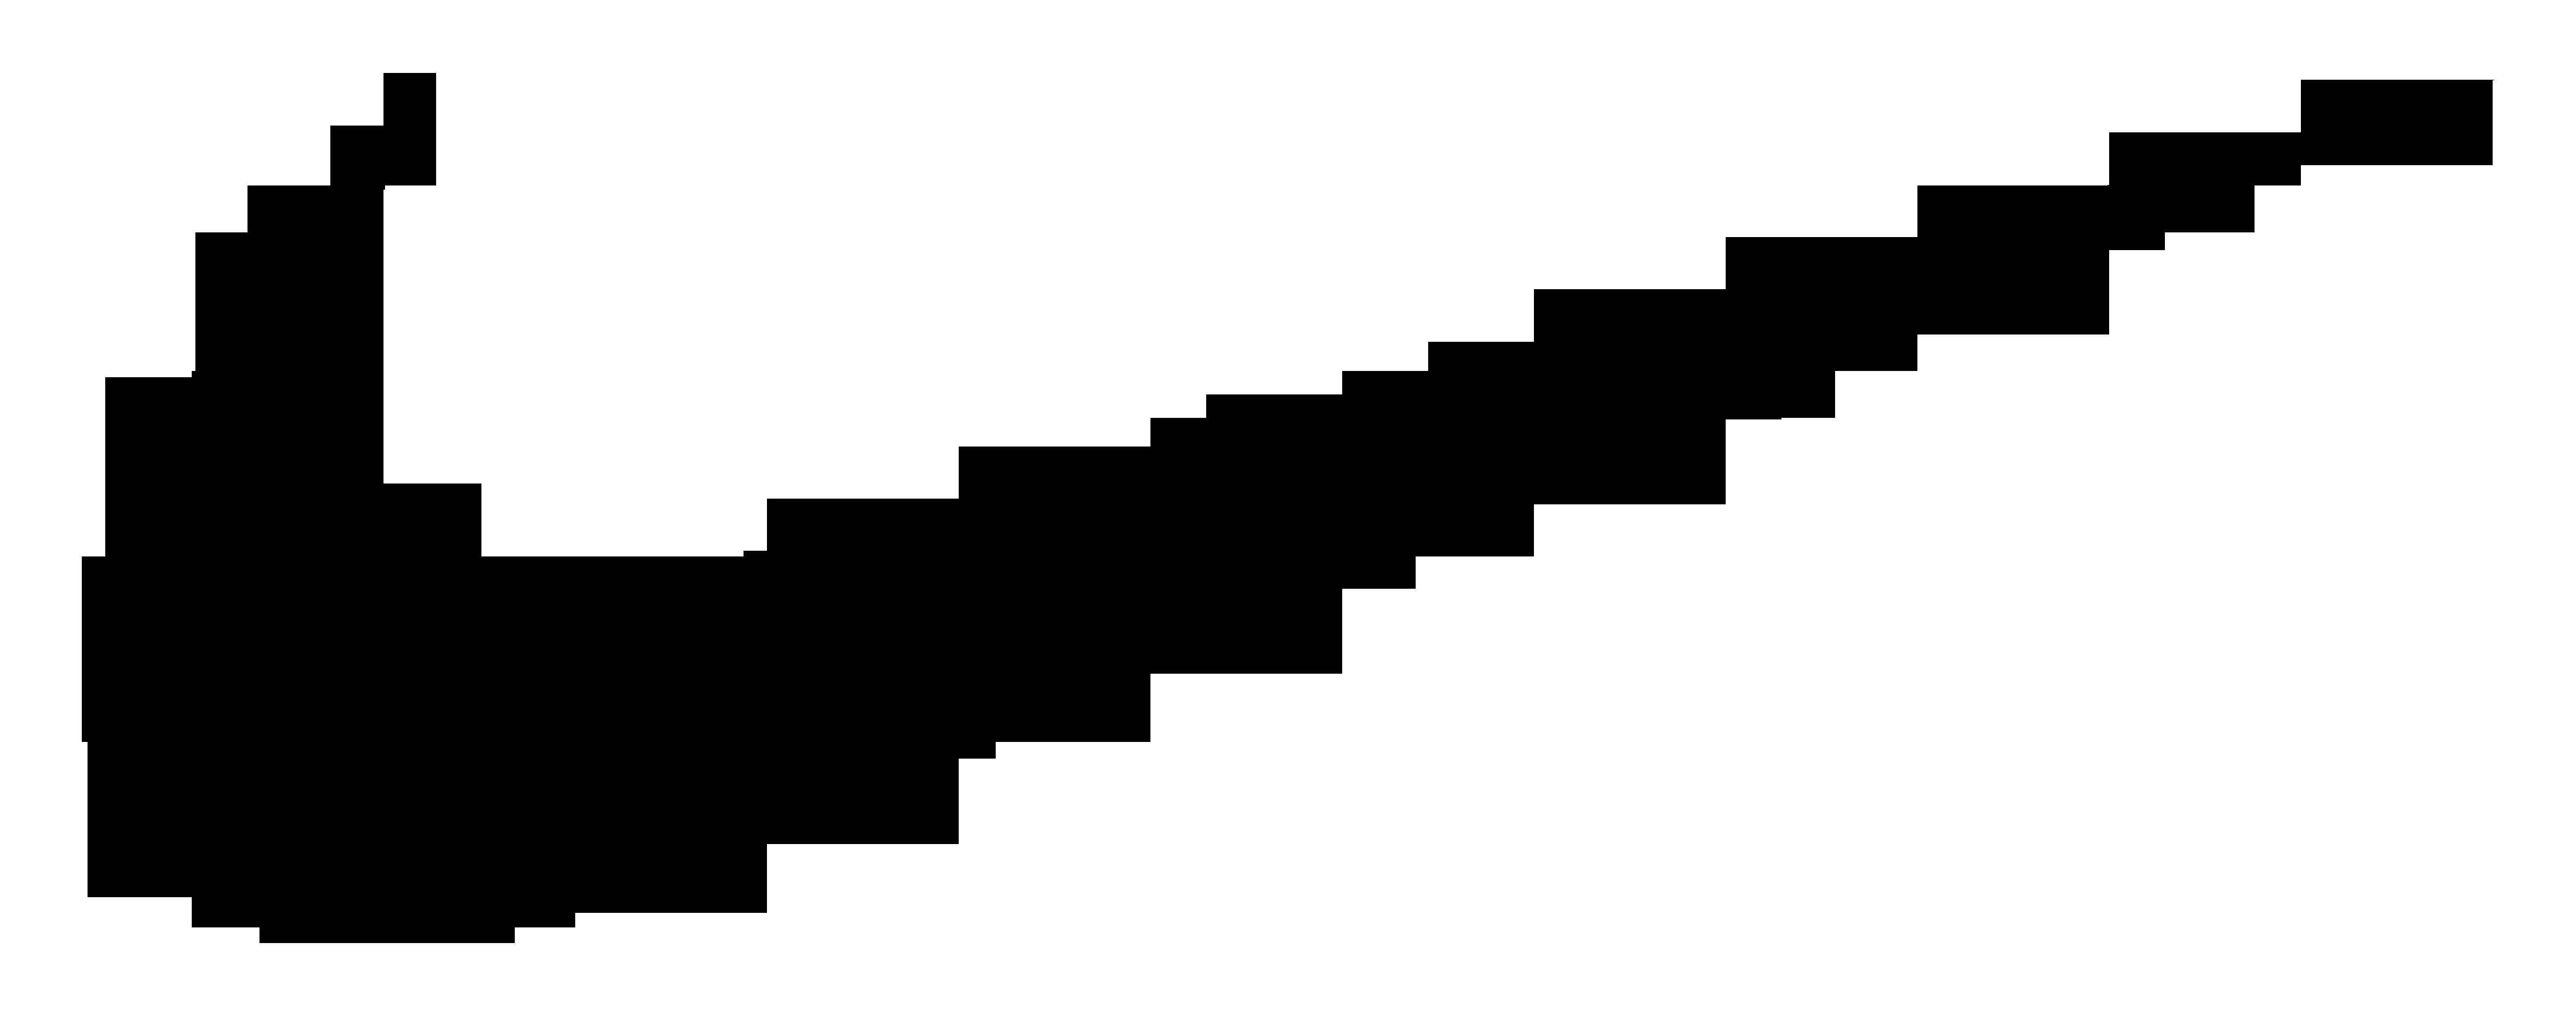 Nike Logo PNG Image | Nike logo, Nike logo wallpapers ... - Nike Logo Design